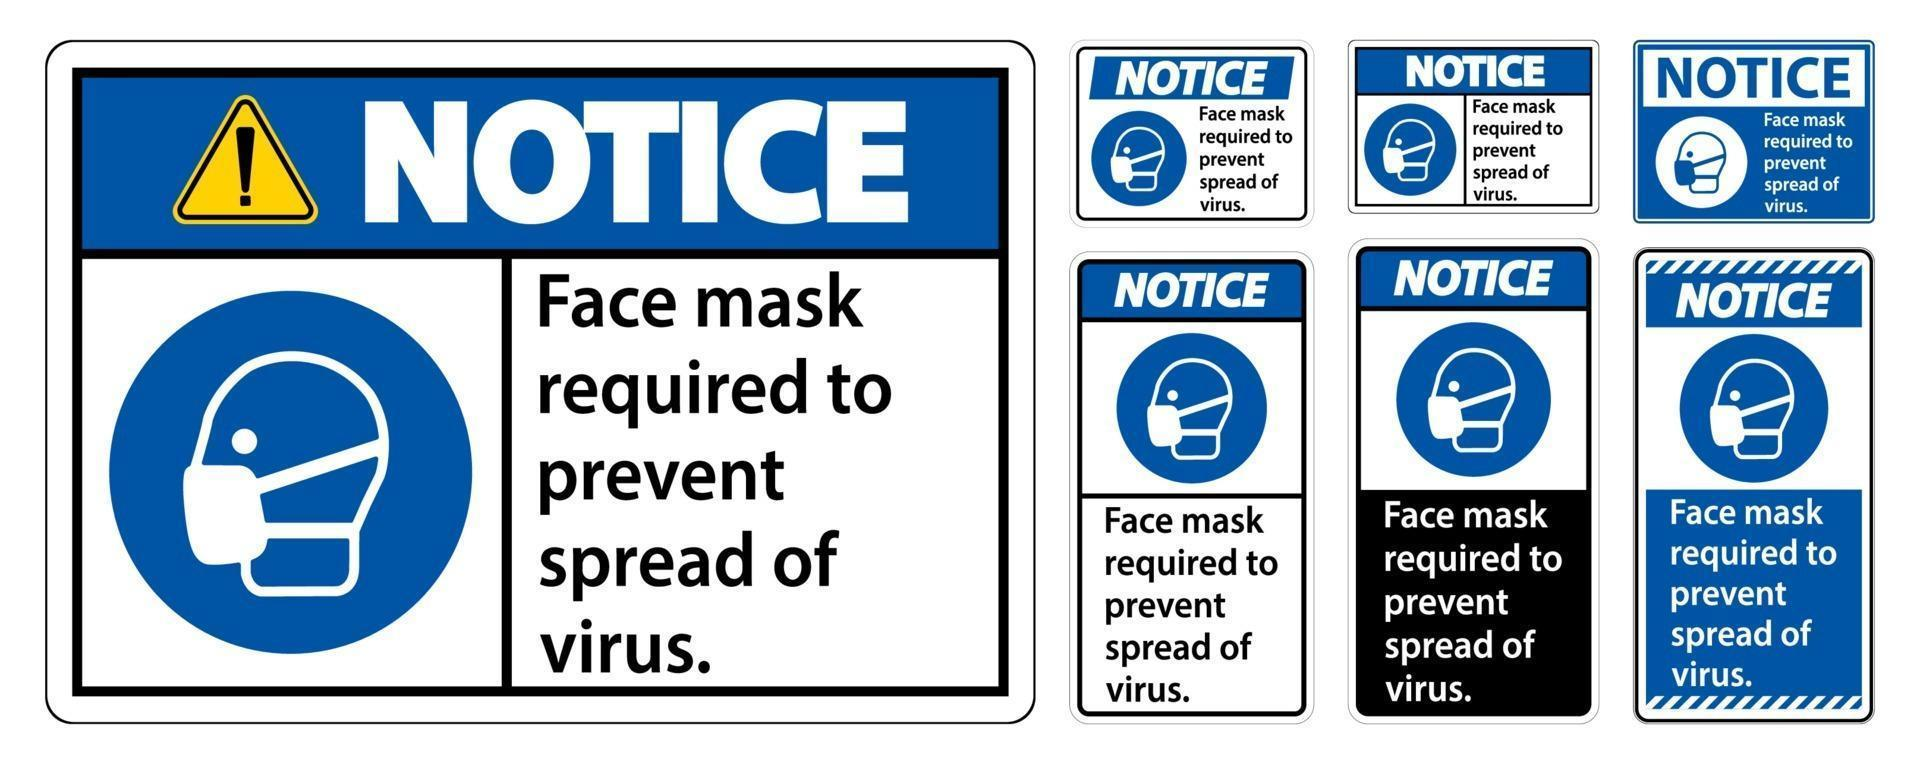 Avis masque facial nécessaire pour empêcher la propagation du signe de virus sur fond blanc vecteur